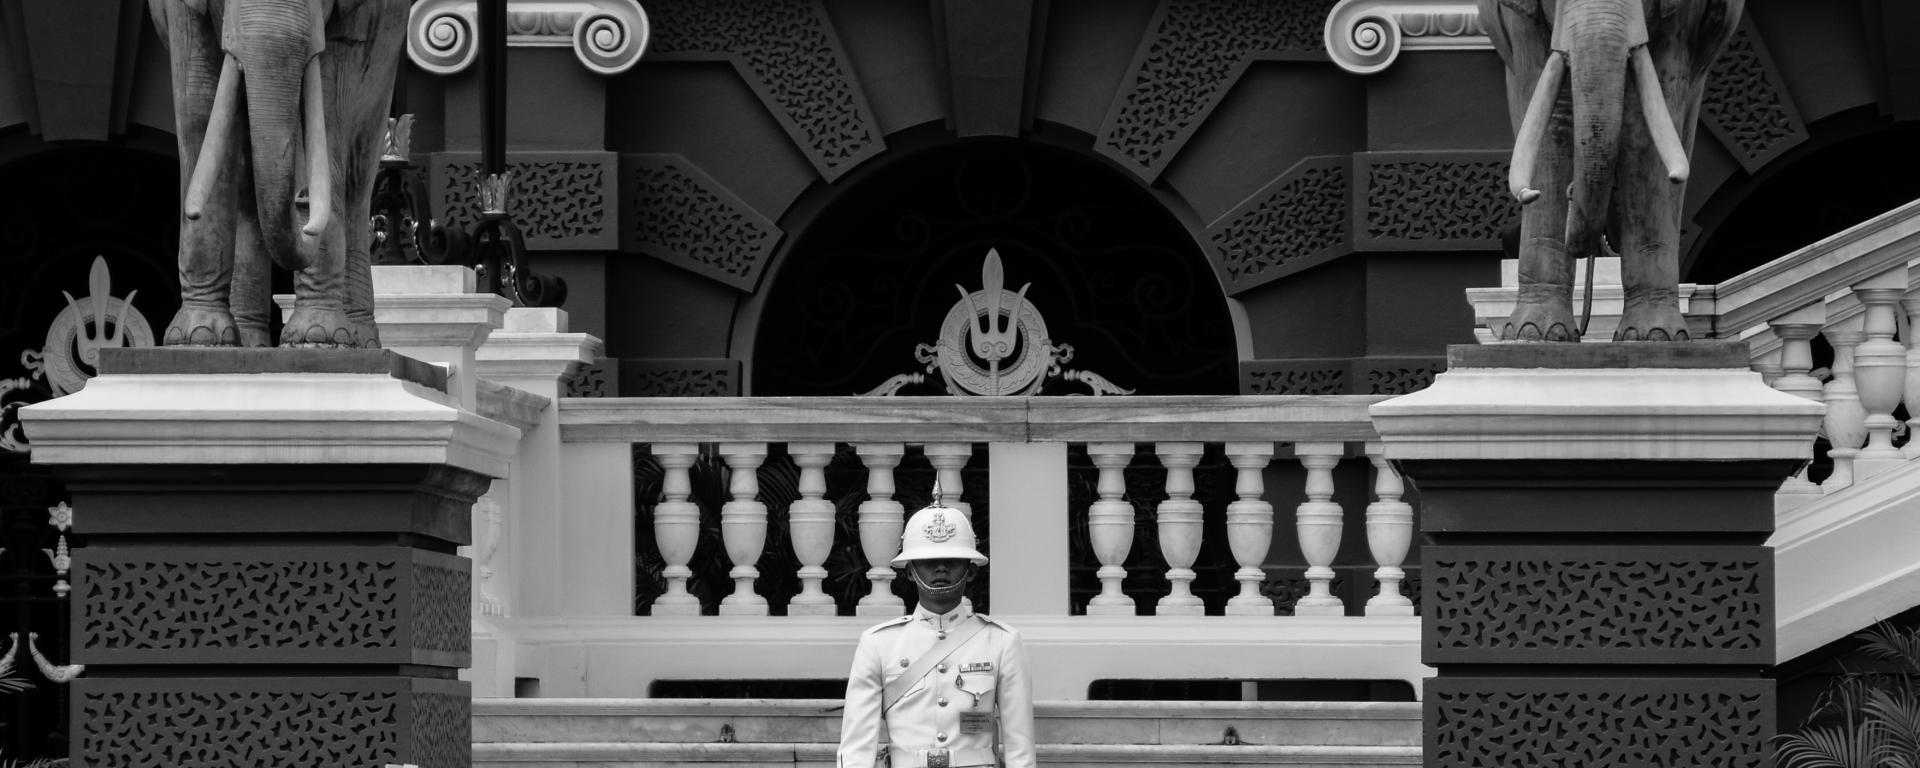 King's Guards at Grand Palace, Bangkok, Thailand